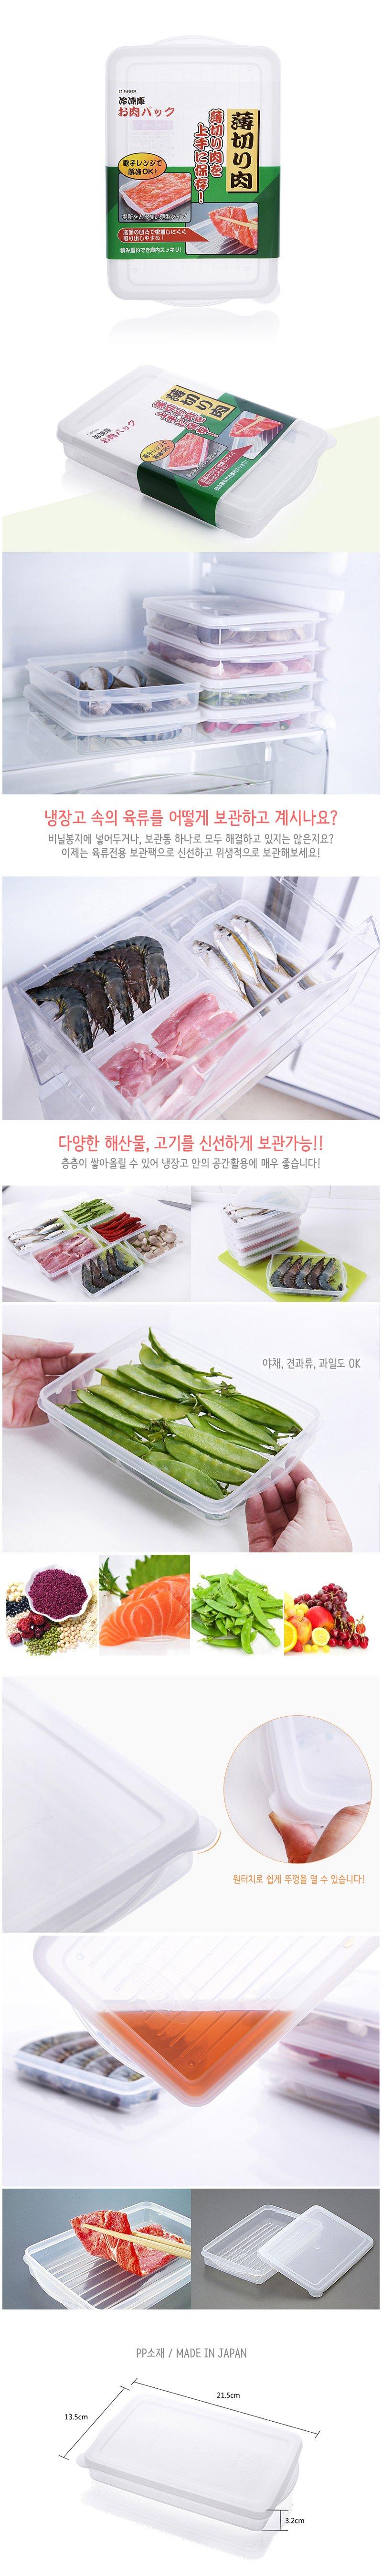 육류팩 - 실즈, 3,340원, 밀폐/보관용기, 반찬/밀폐용기